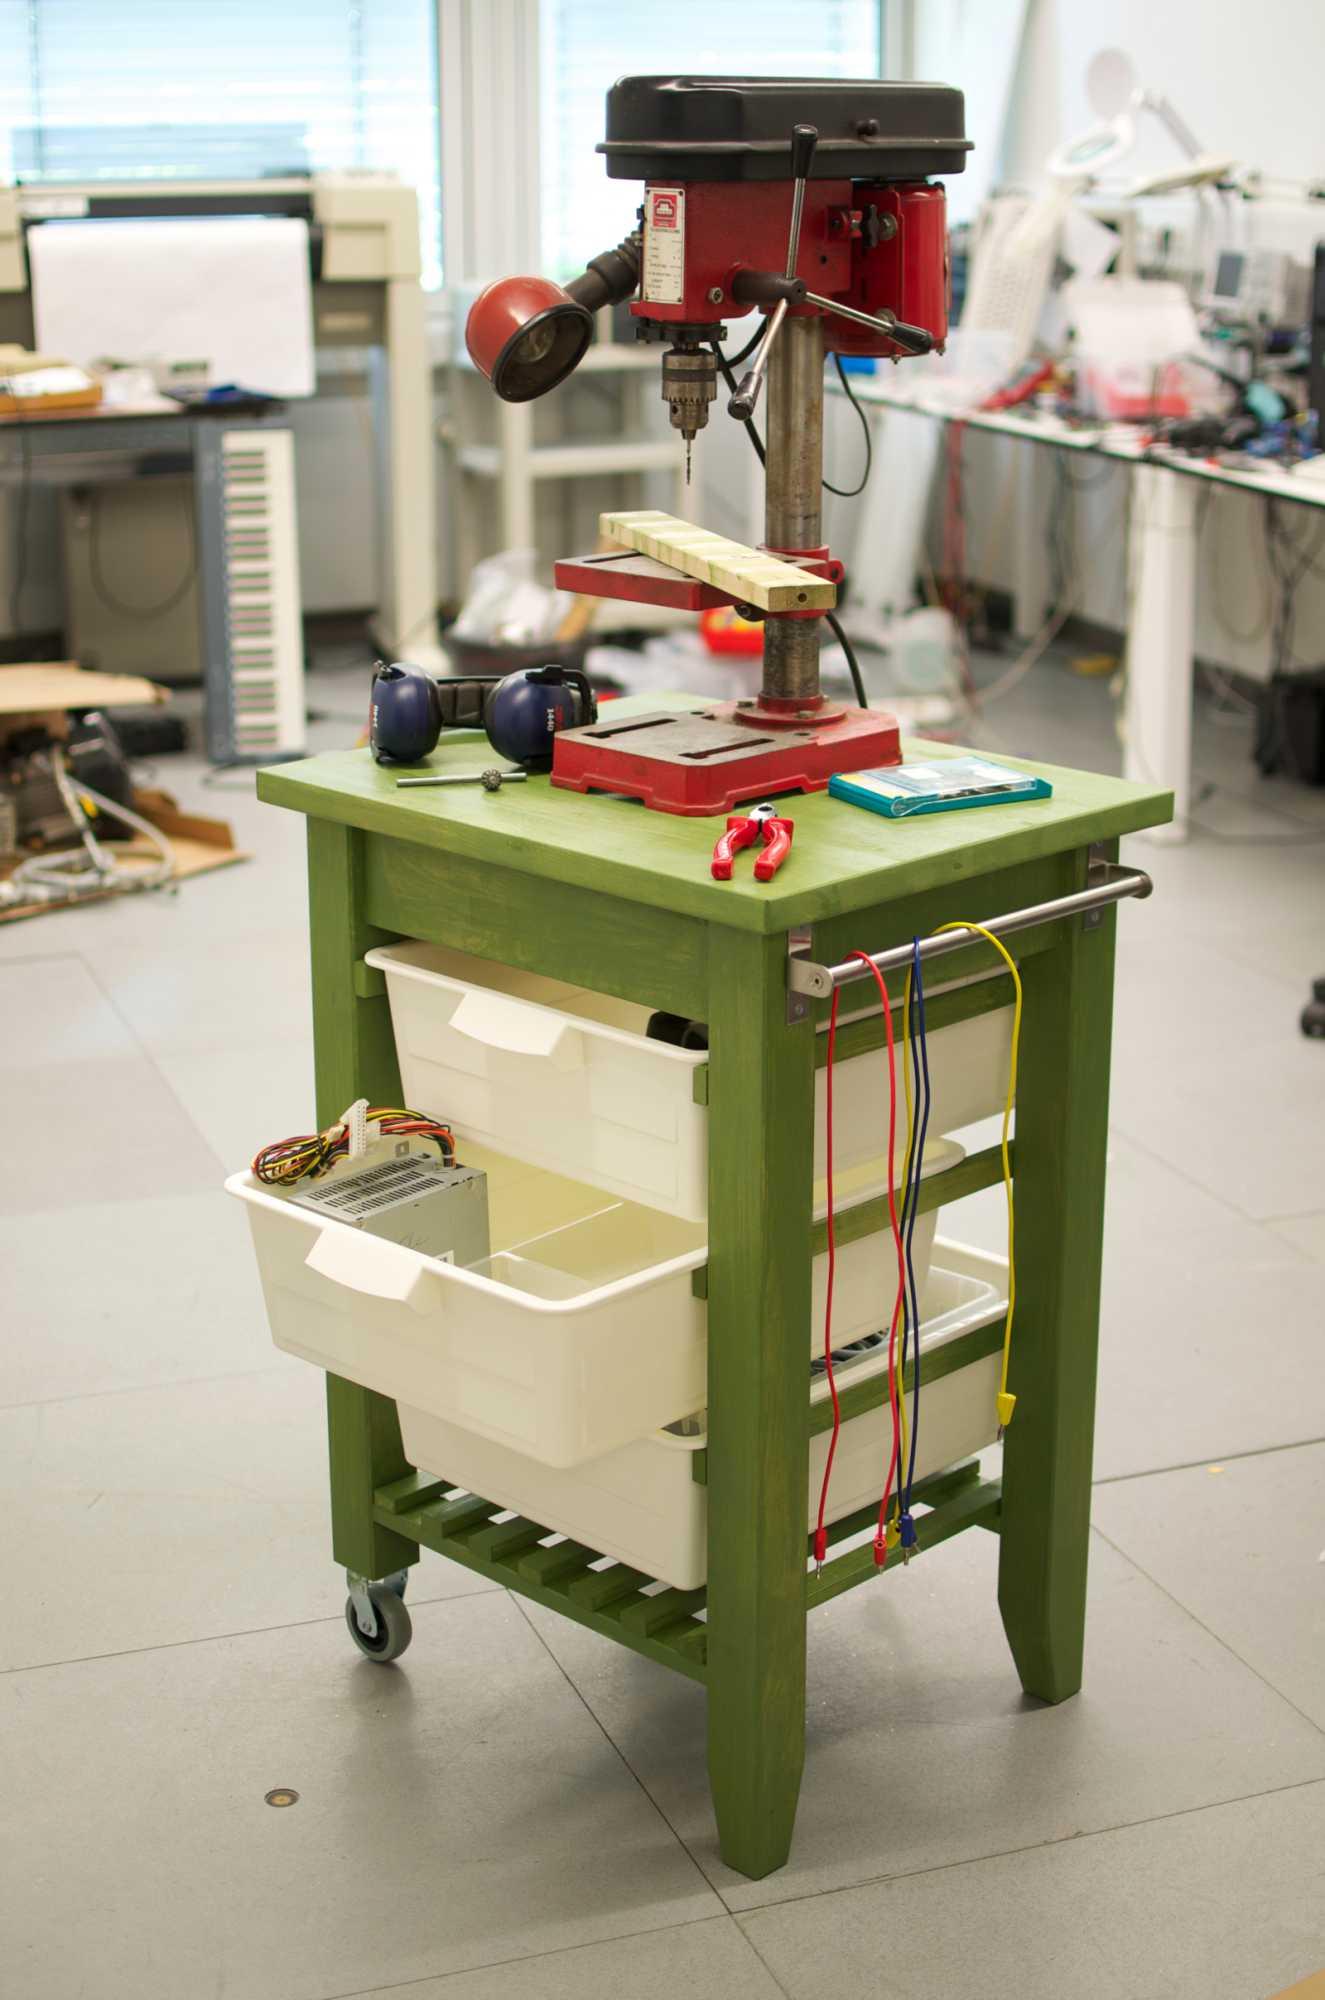 Ikea-Hacker halten sich nicht an die Anleitung und bedienen sich im Möbelhaus wie in einem Baumarkt. Diese Werkbank war eigentlich ein Servierwagen.